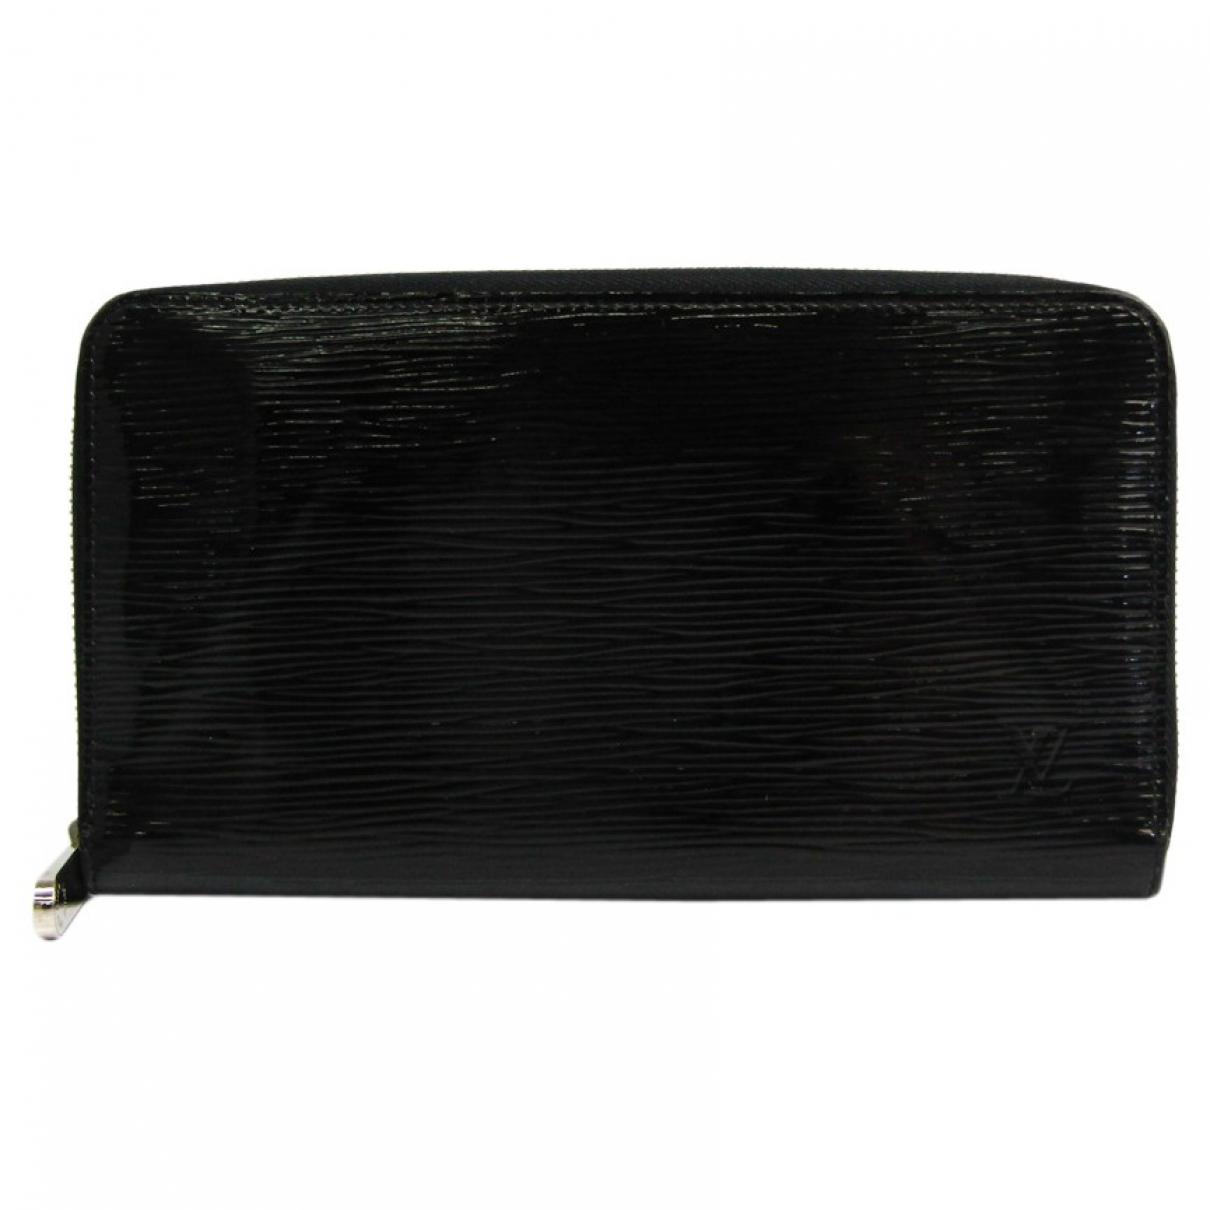 Louis Vuitton - Portefeuille   pour femme en cuir verni - noir